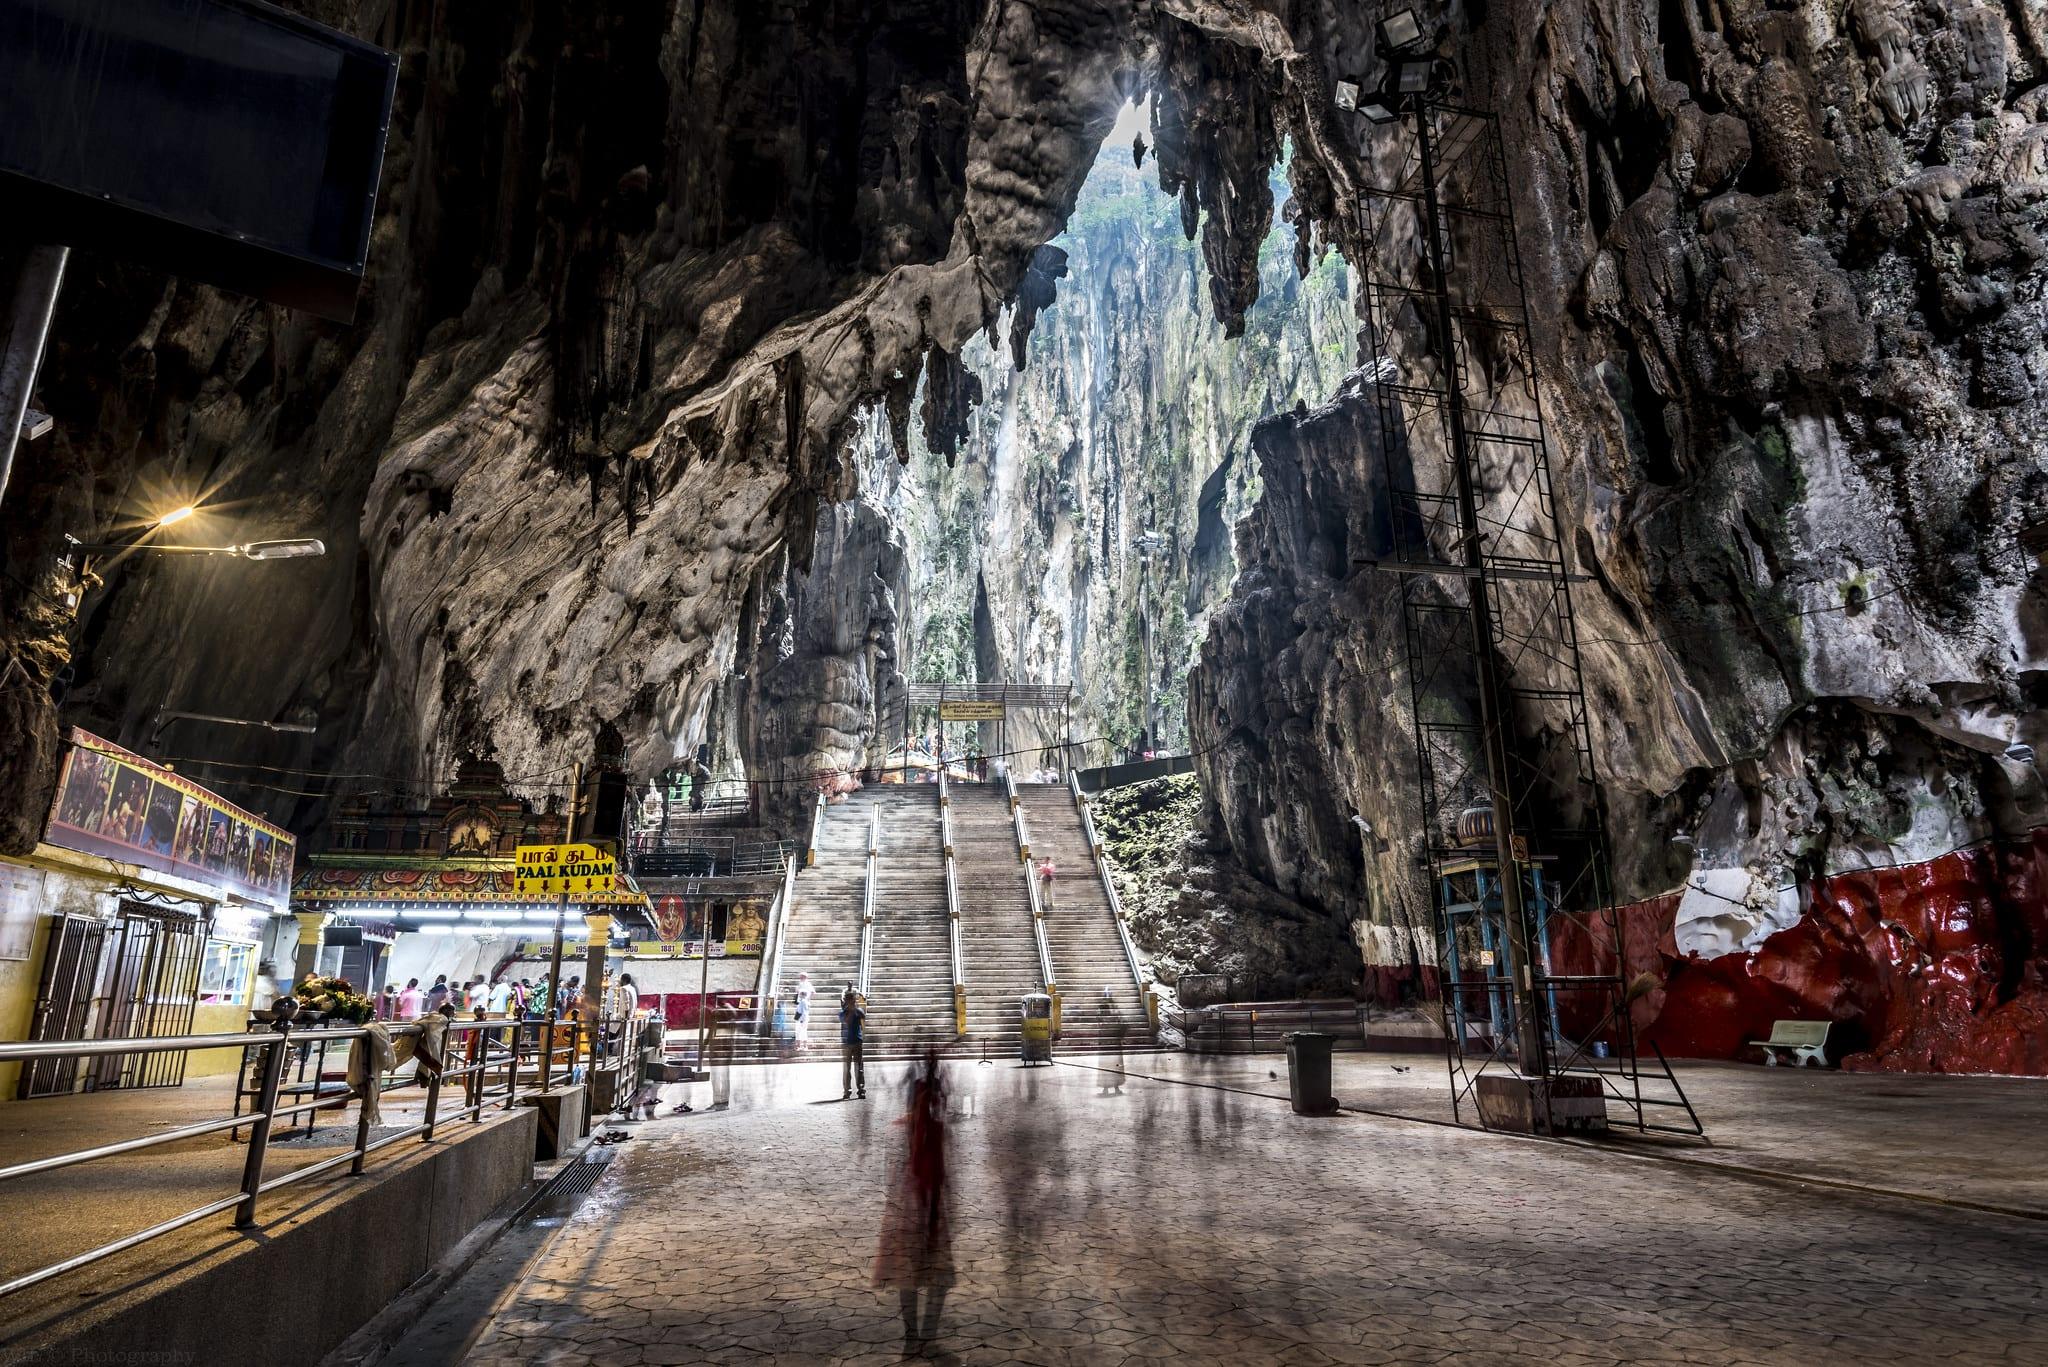 神廟洞又稱光洞,因光線穿透高聳岩灰岩而聞名。來源:http://bit.ly/2KNo8pM。